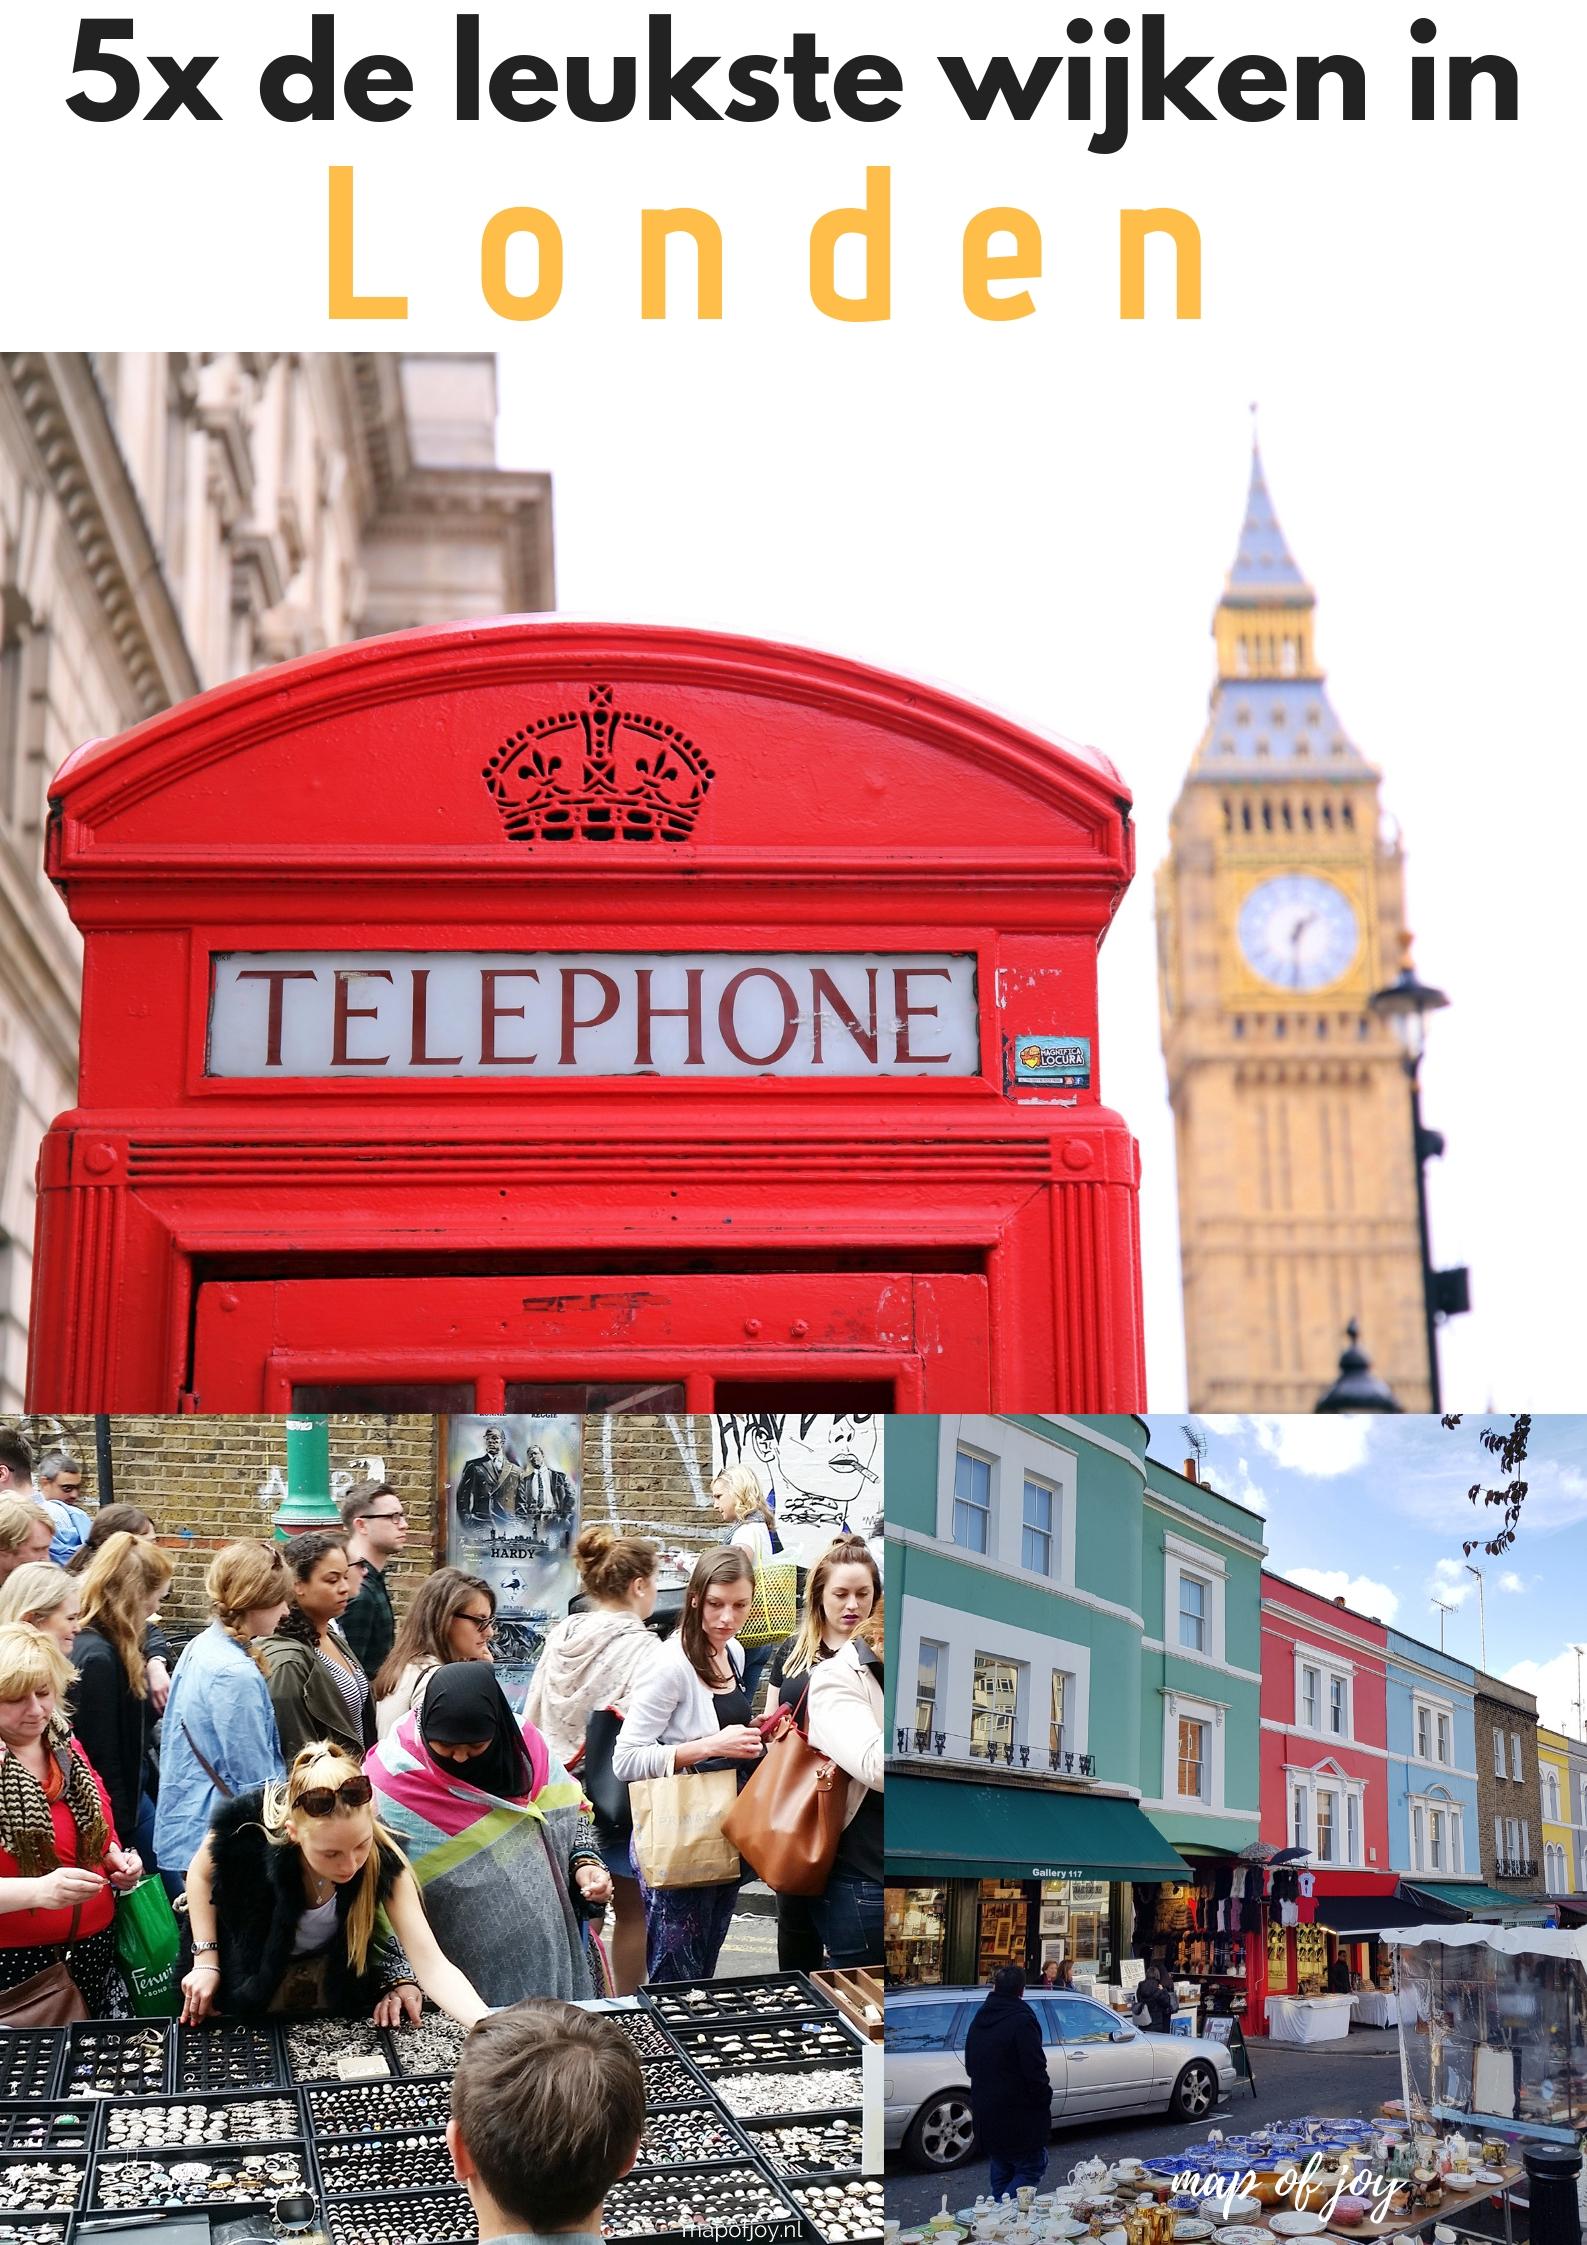 5x de leukste wijken in Londen - Map of Joy